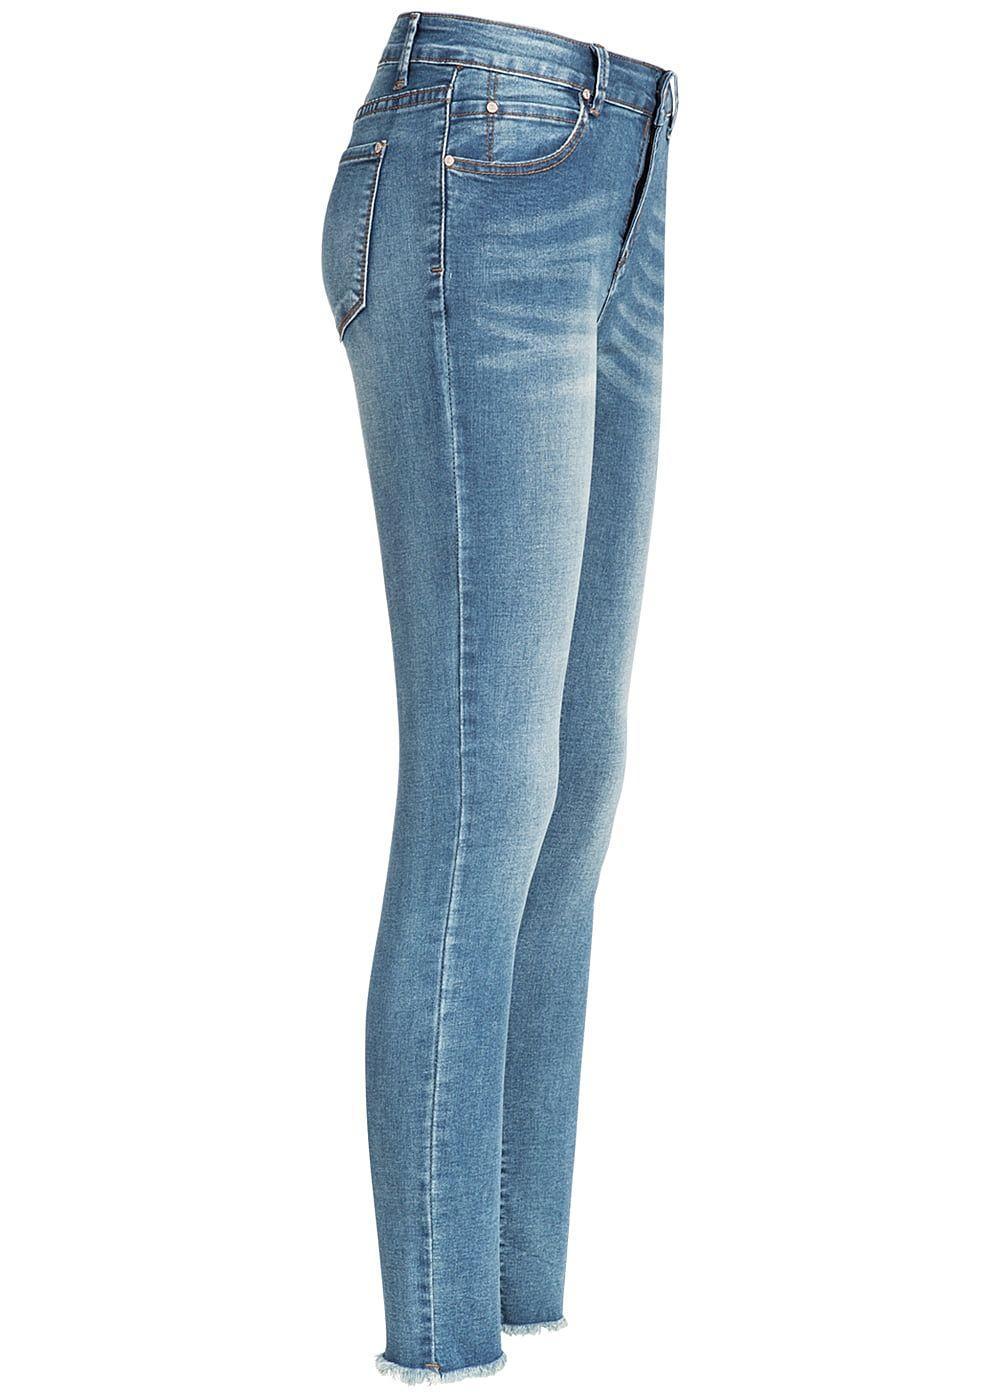 ab21fab17149 Hailys Damen Skinny Jeans Hose 5-Pockets Knöchellang Fransen Regular ...